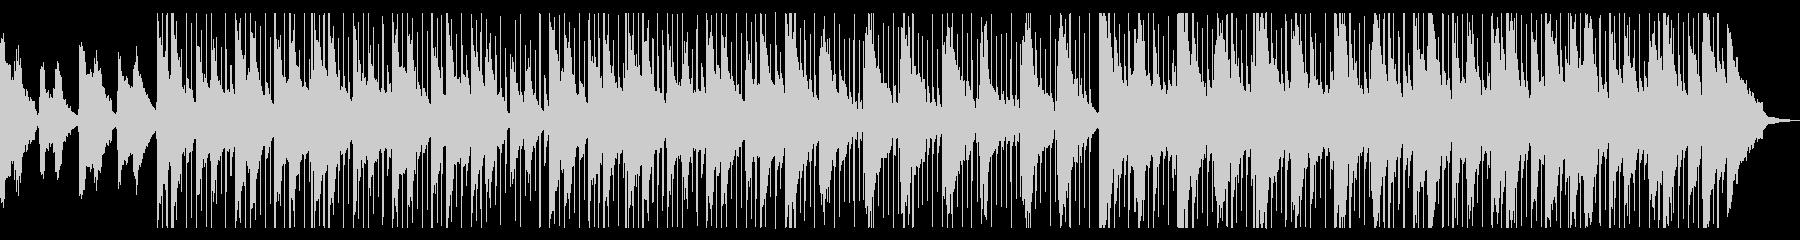 ローファイヒップホップ/メロウな雰囲気の未再生の波形